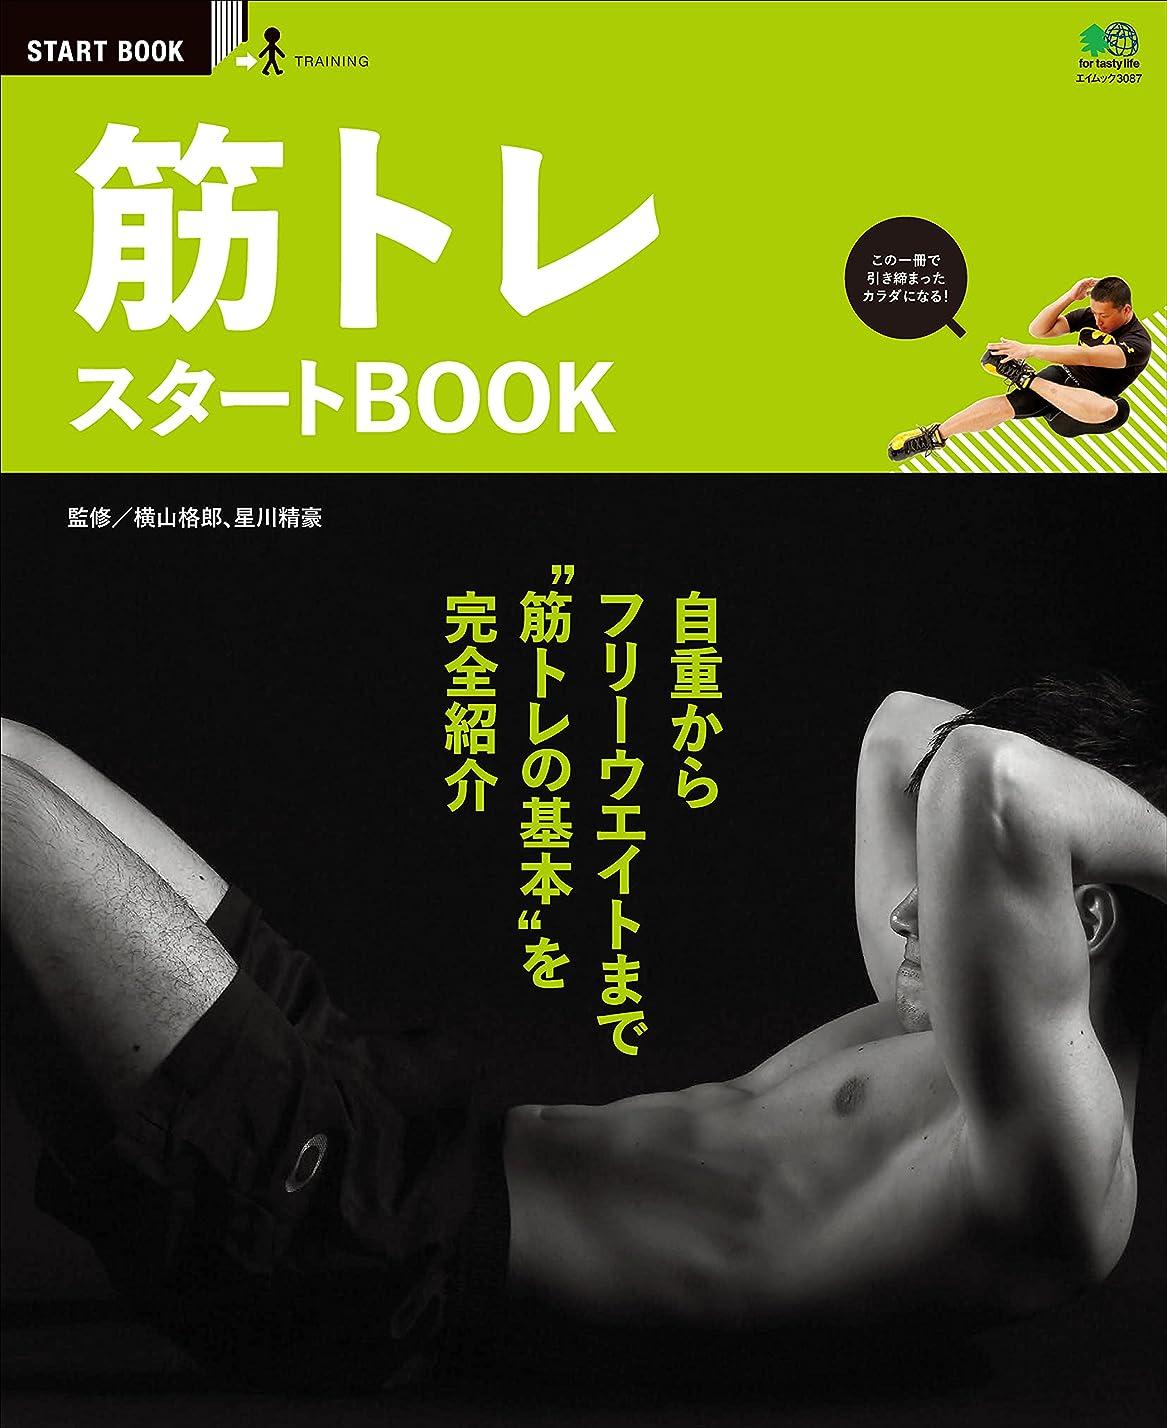 無法者耐久目の前の筋トレ スタートBOOK[雑誌] エイ出版社のスタートBOOKシリーズ